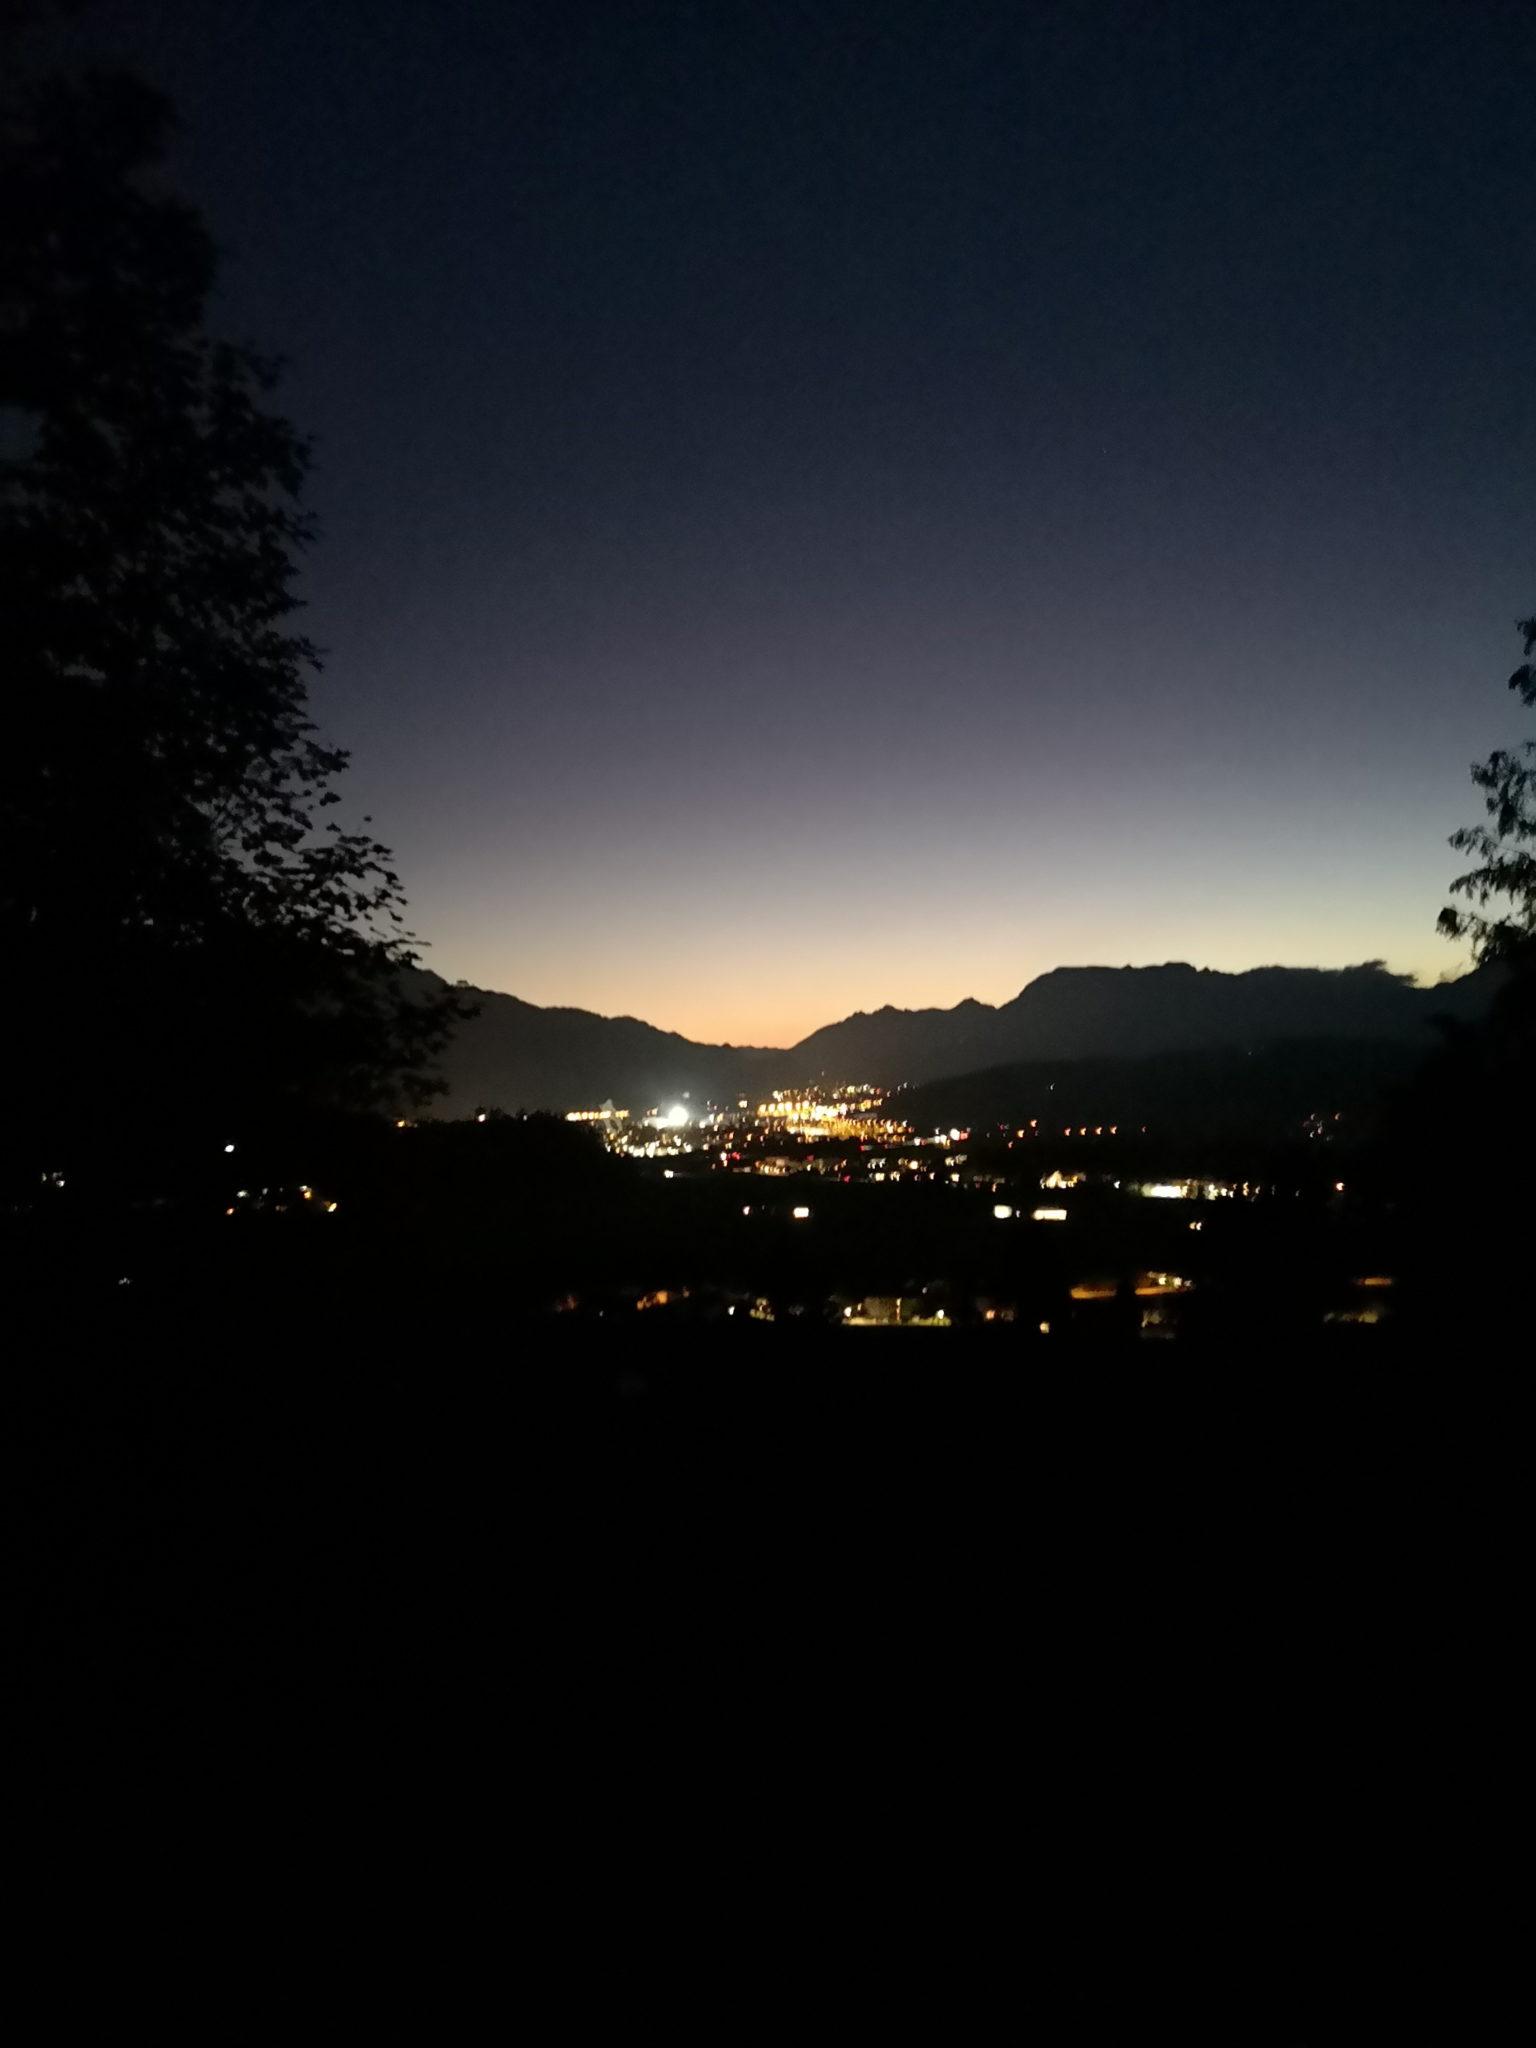 Widok na światła Bad Haering na tle gór